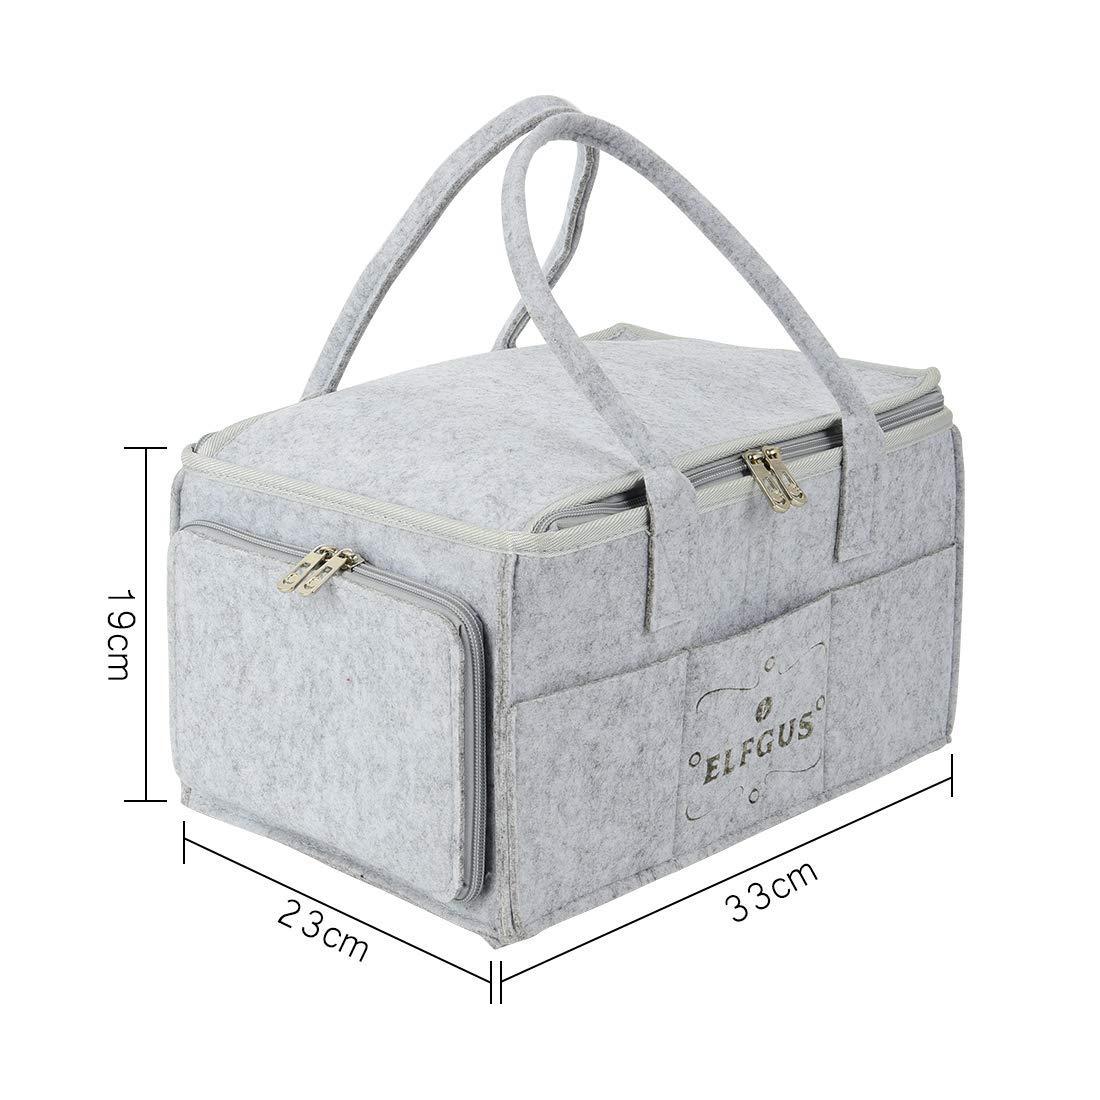 Amazon.com: ELFGUS organizador de pañales para bebés, bolsa ...